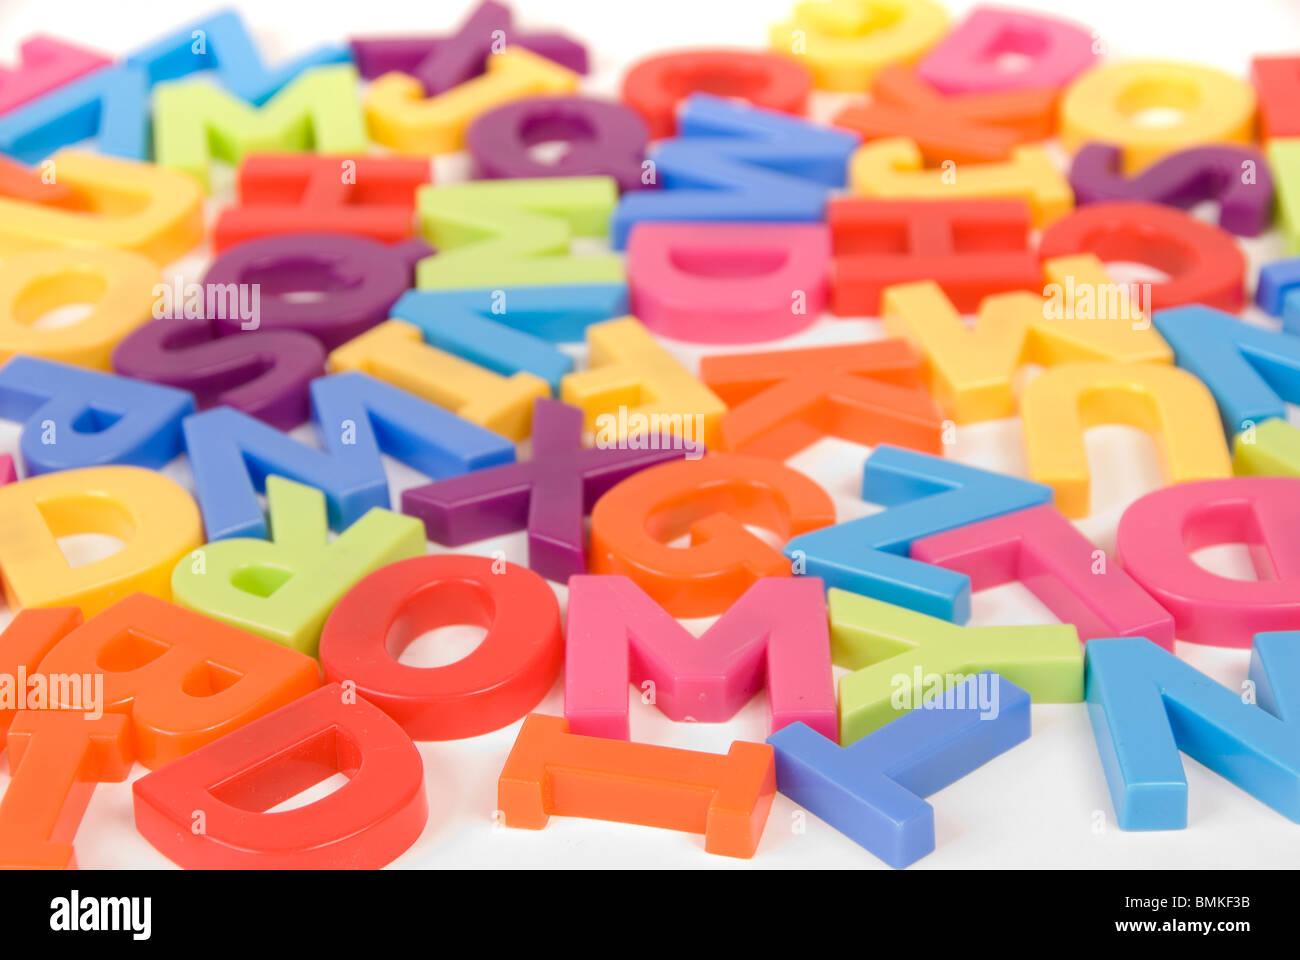 Juguetes para niños de colores brillantes letras del alfabeto ...